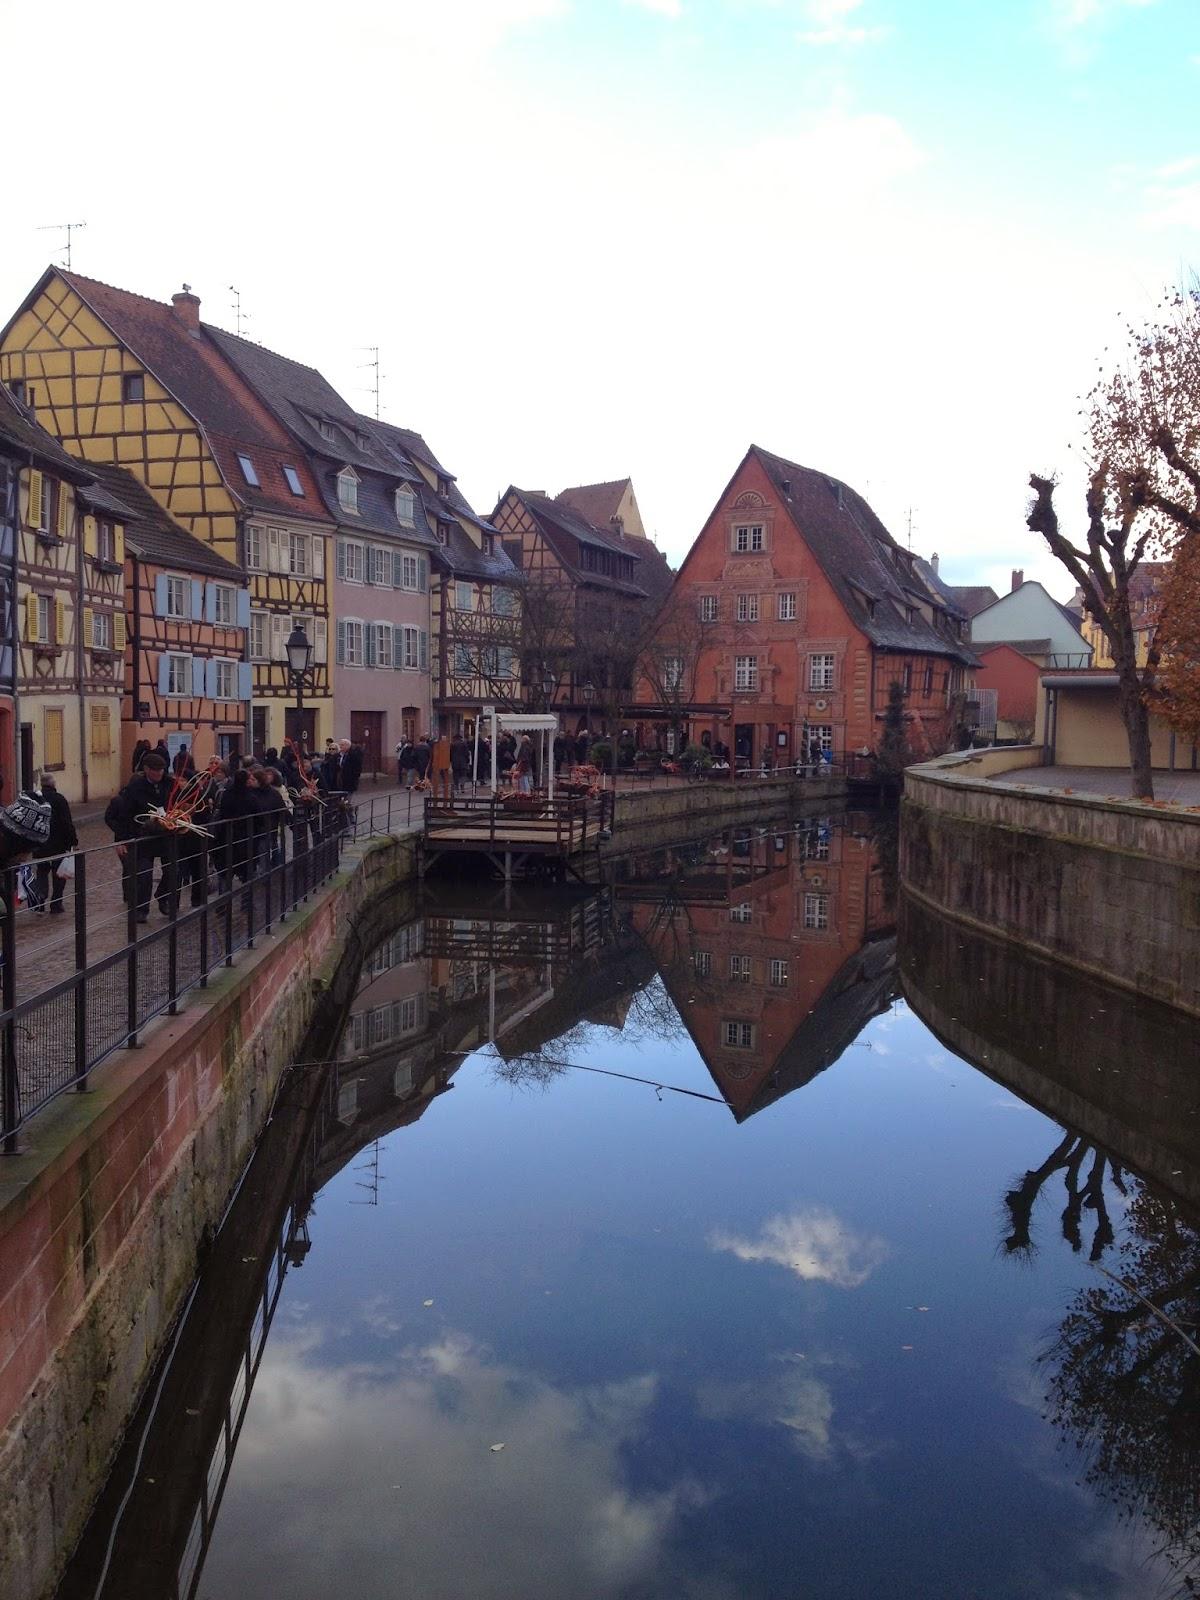 Yummy Chrispytine Still Christmas In Strasbourg